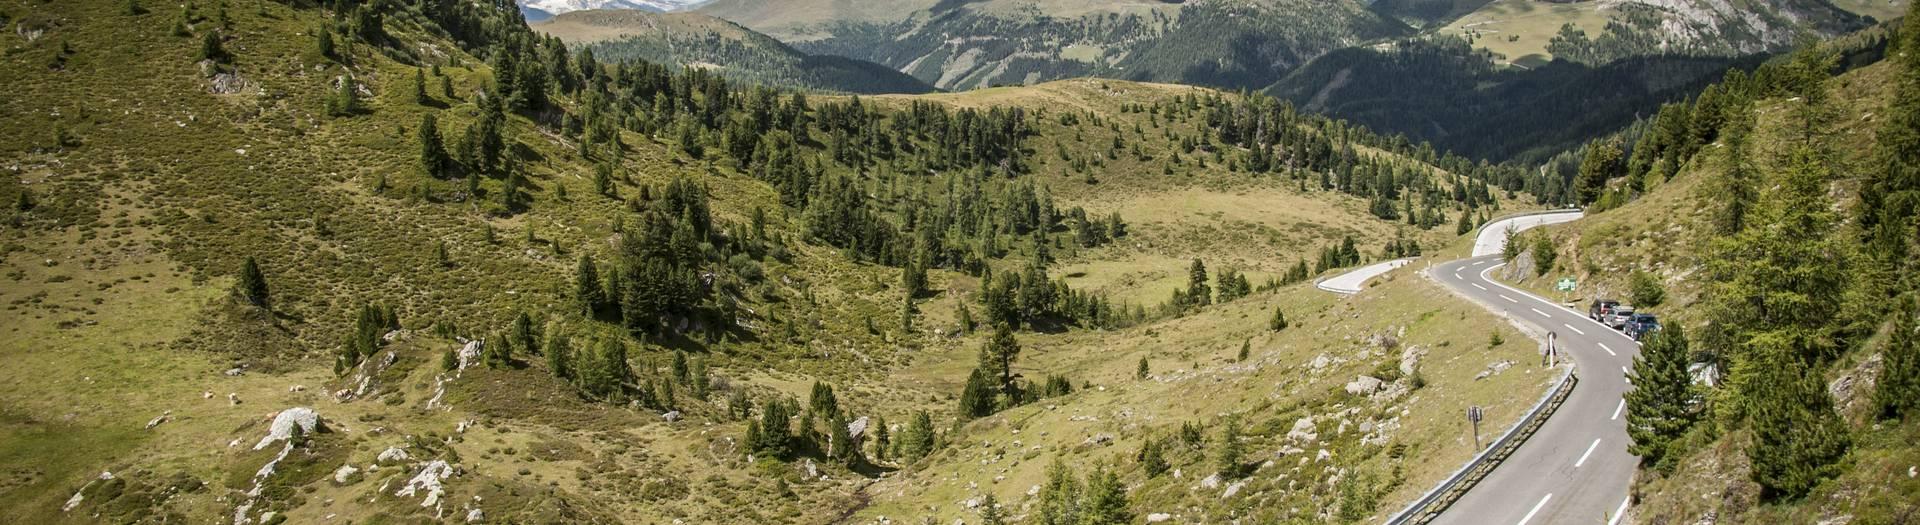 Ebene Reichenau in den Nockbergen